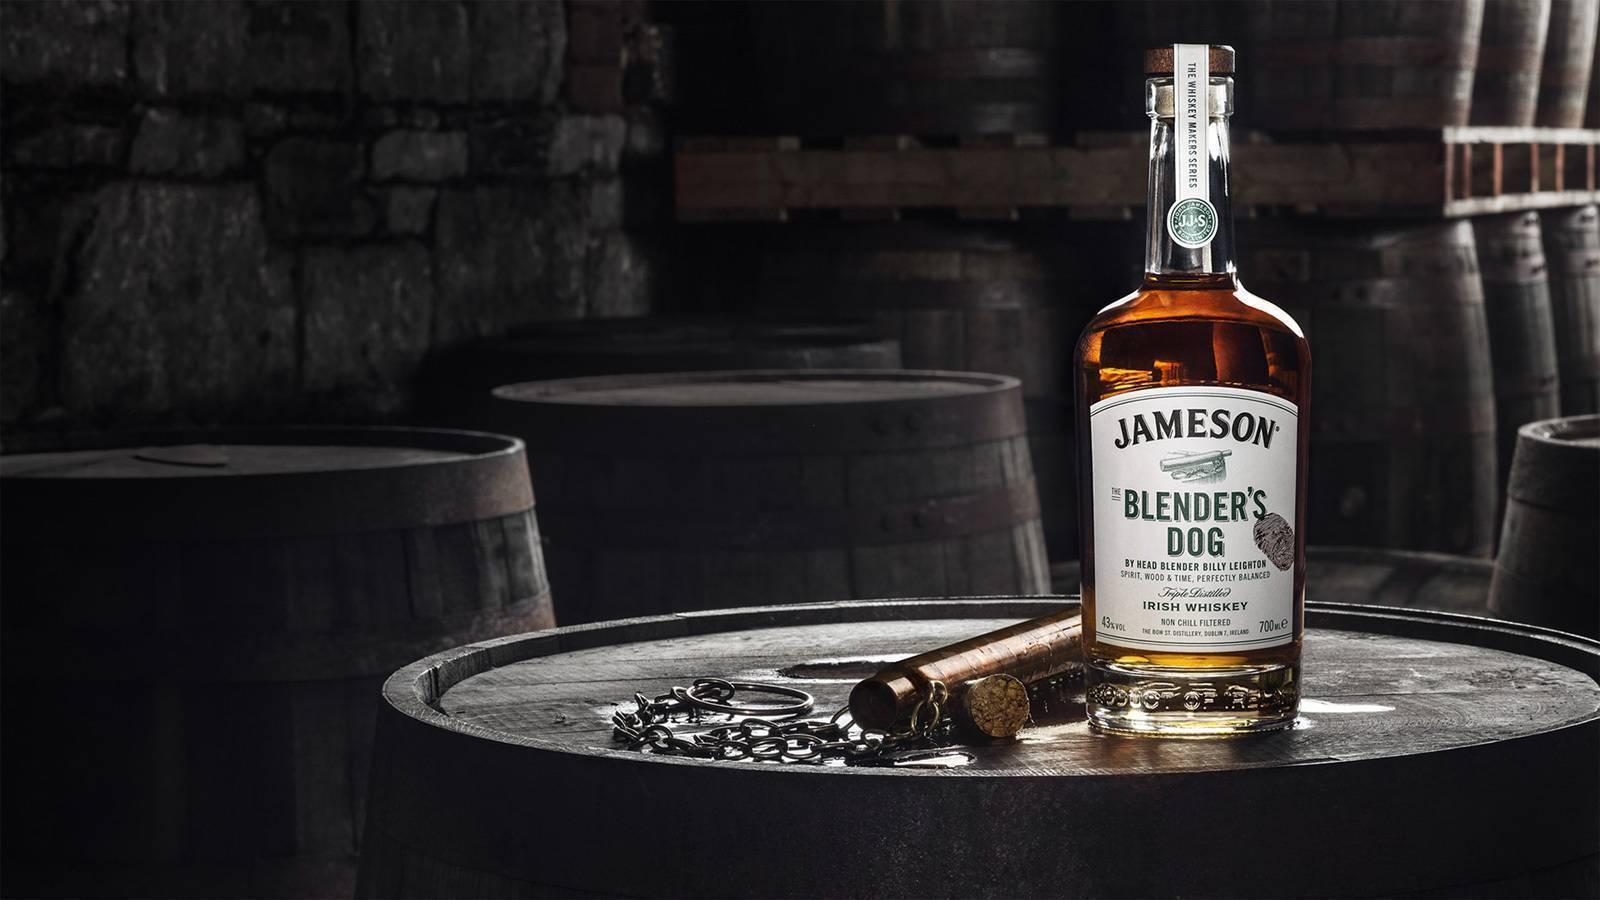 Ирландский виски jameson - все секреты знаменитого бренда от истории создания до нюансов употребления